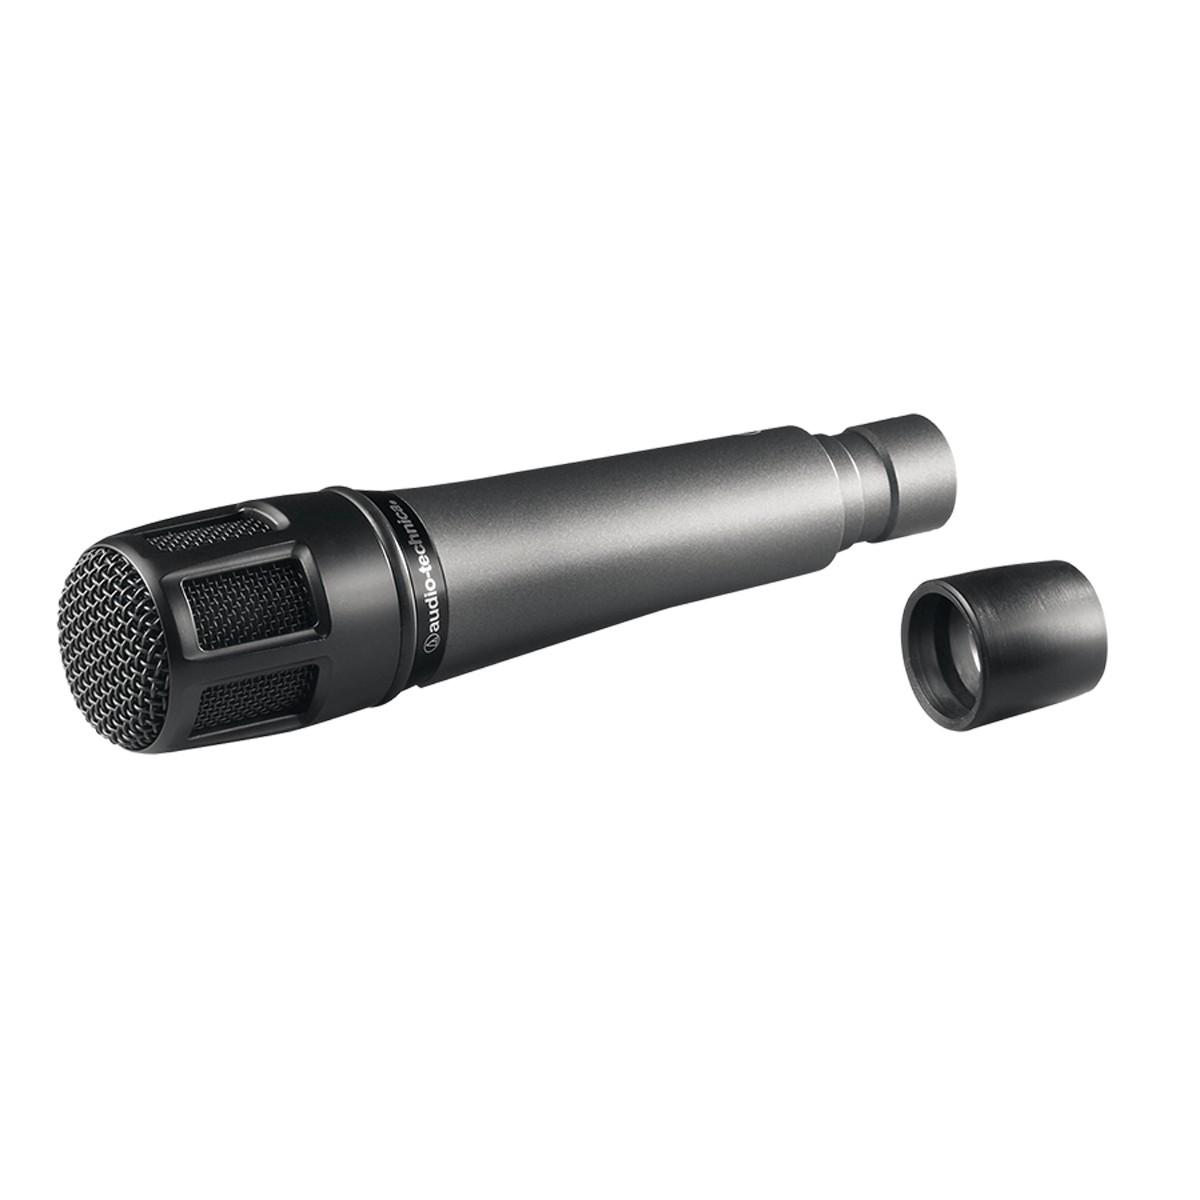 Microfone Dinâmico Hipercardioide Audio-Technica ATM650